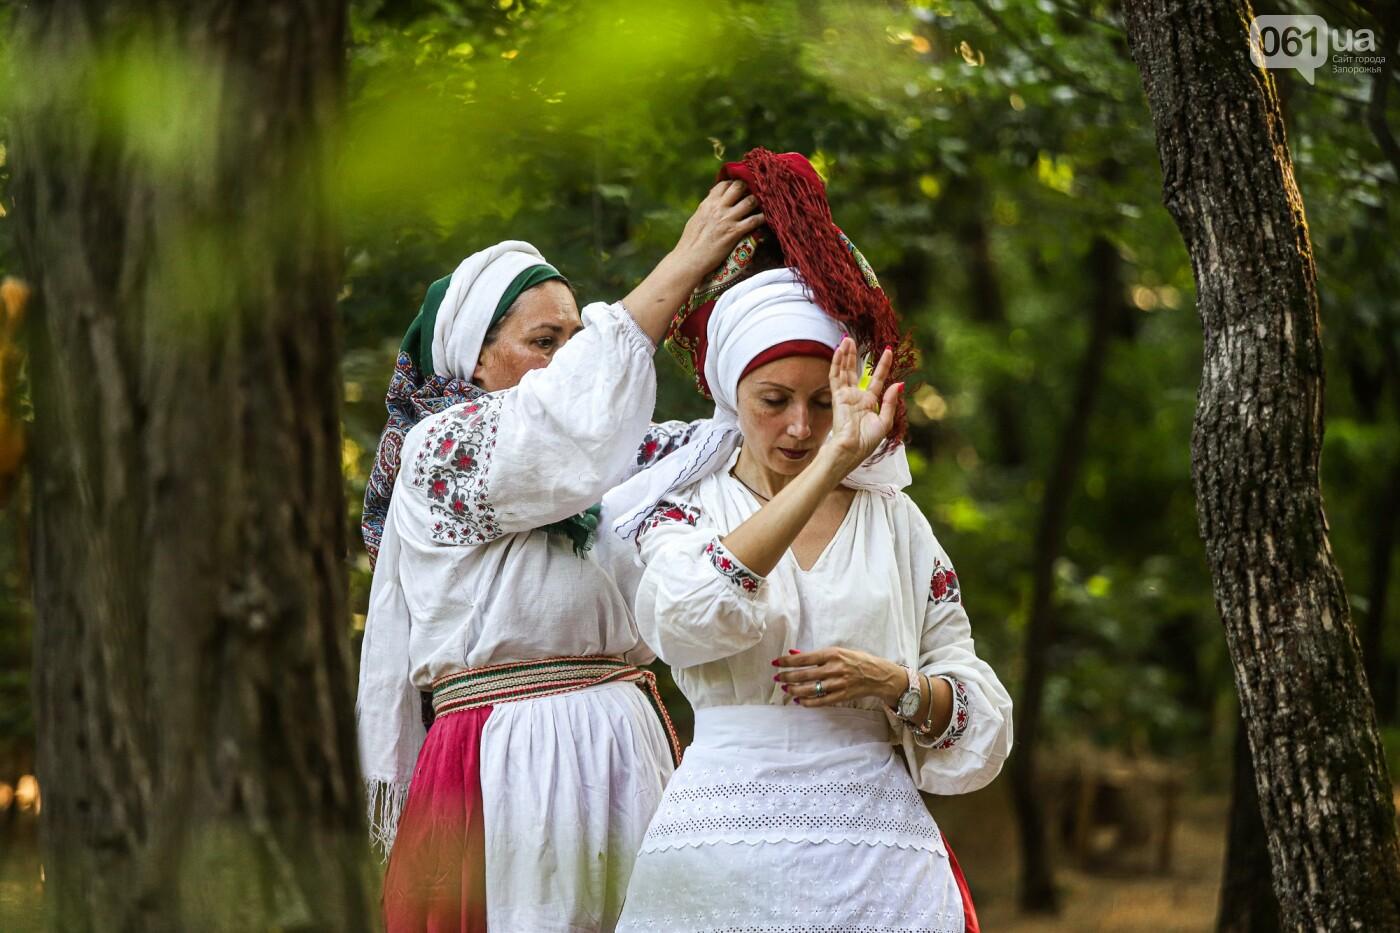 Огонь и дубовые венки: как на Хортице отметили праздник Перуна, - ФОТОРЕПОРТАЖ, фото-2